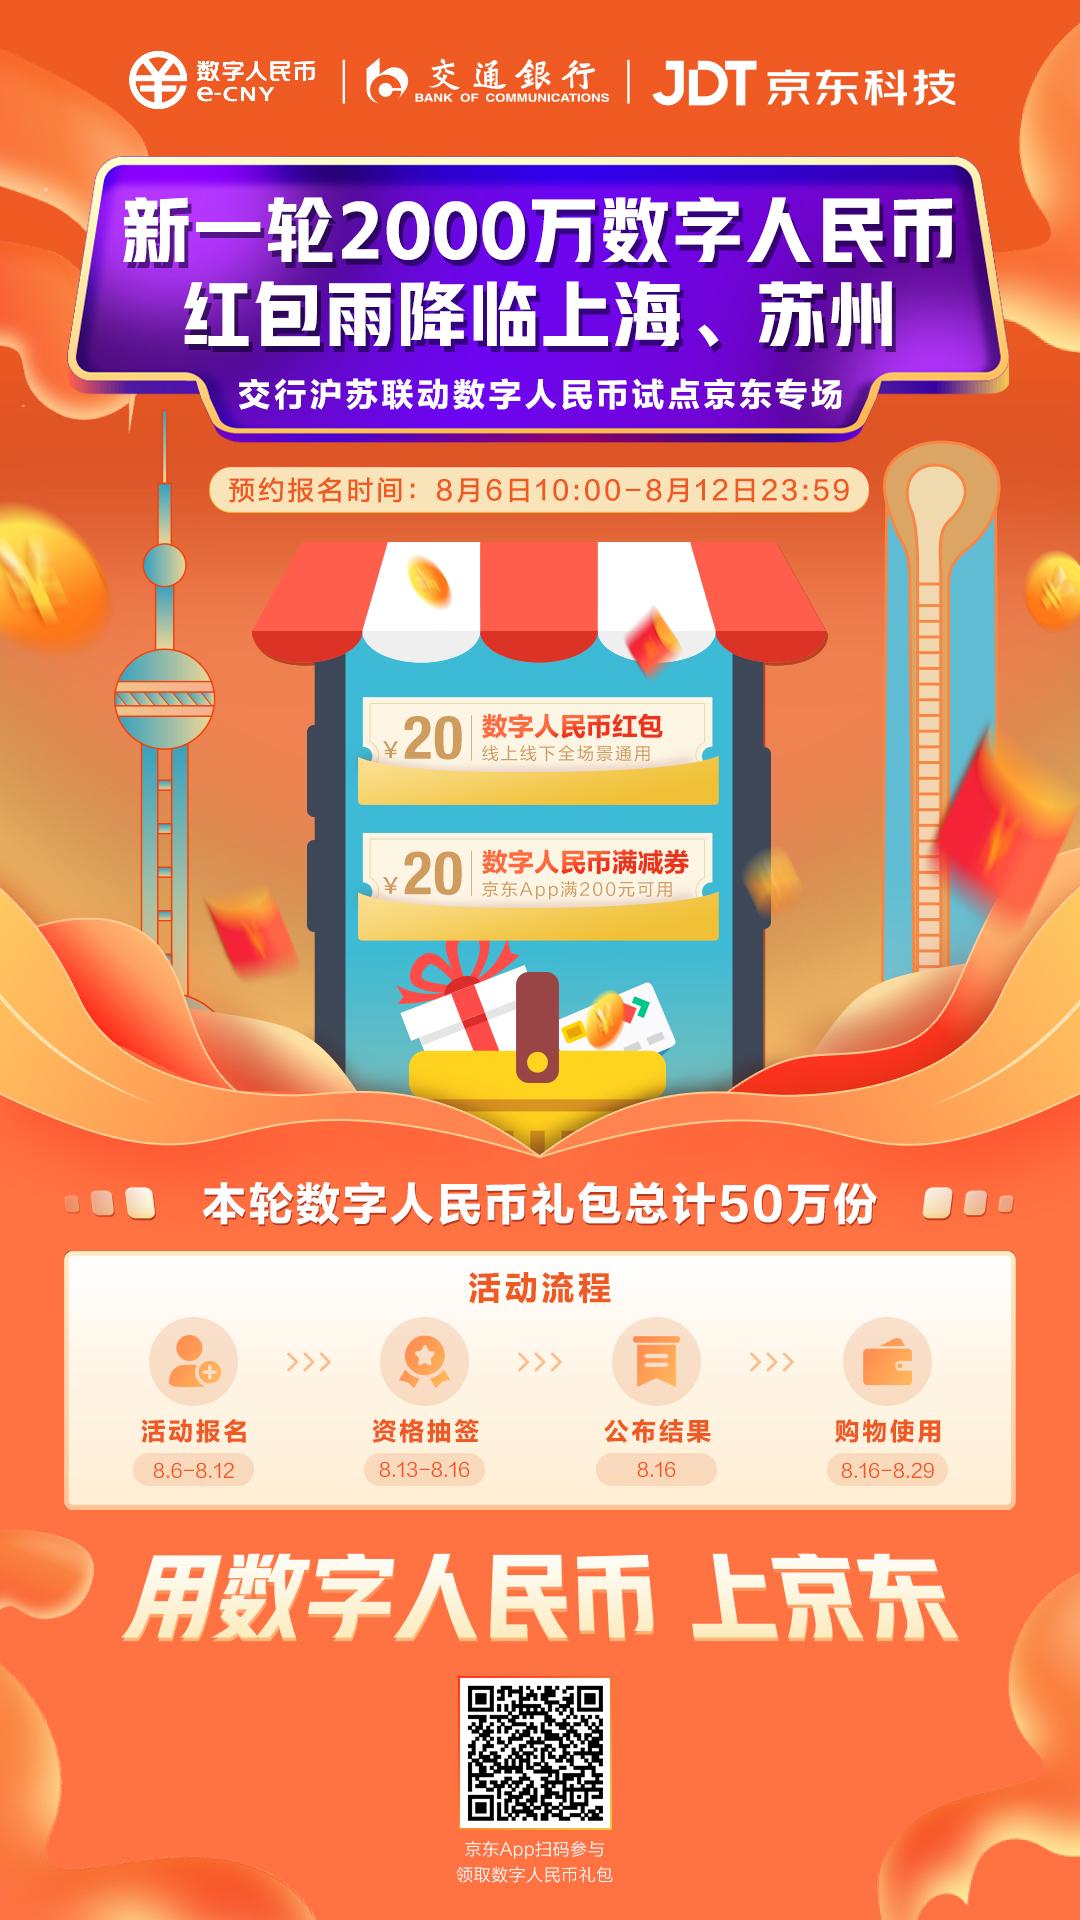 交行沪苏联动数字人民币试点京东专场海报